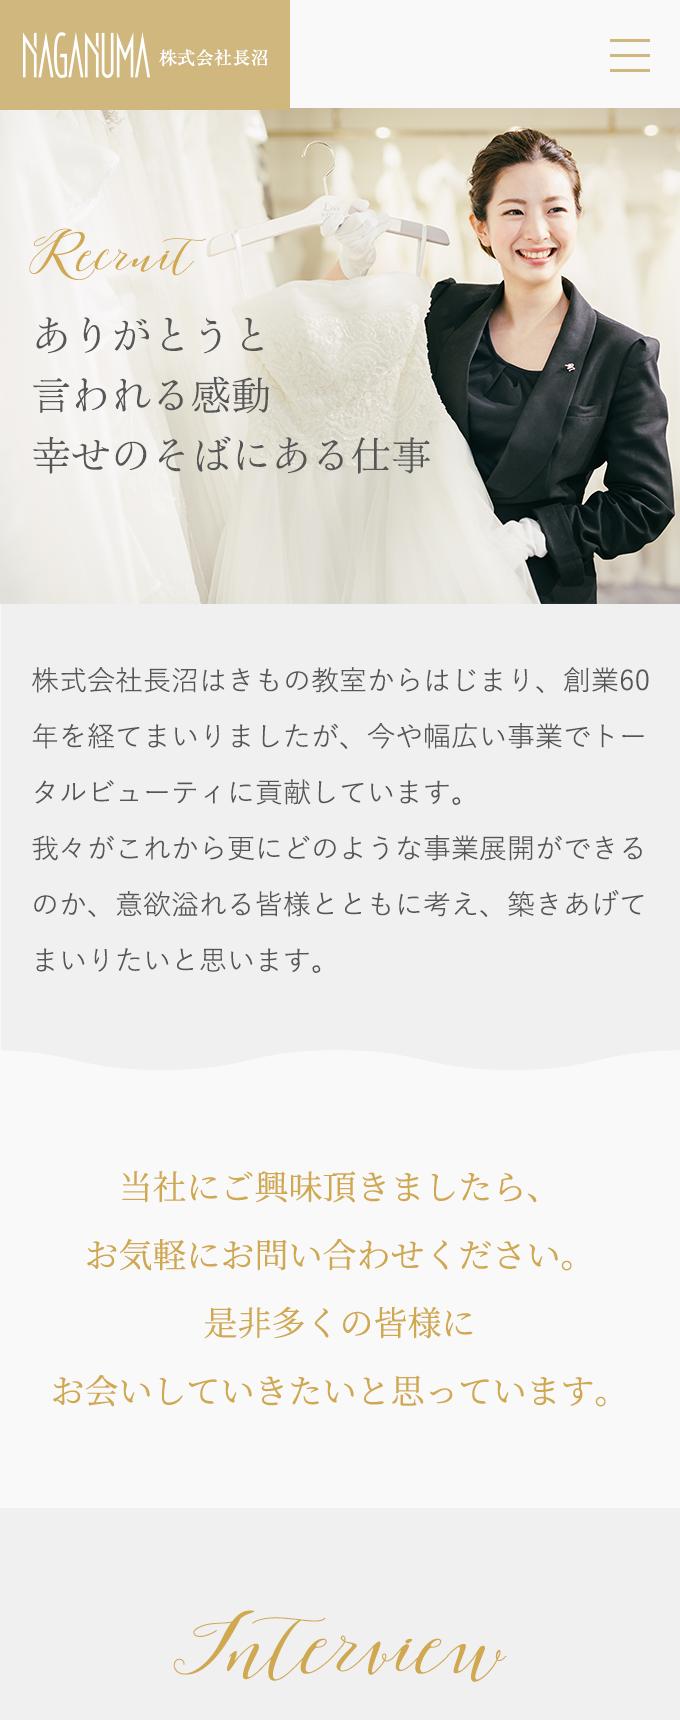 株式会社長沼スマホビュー02